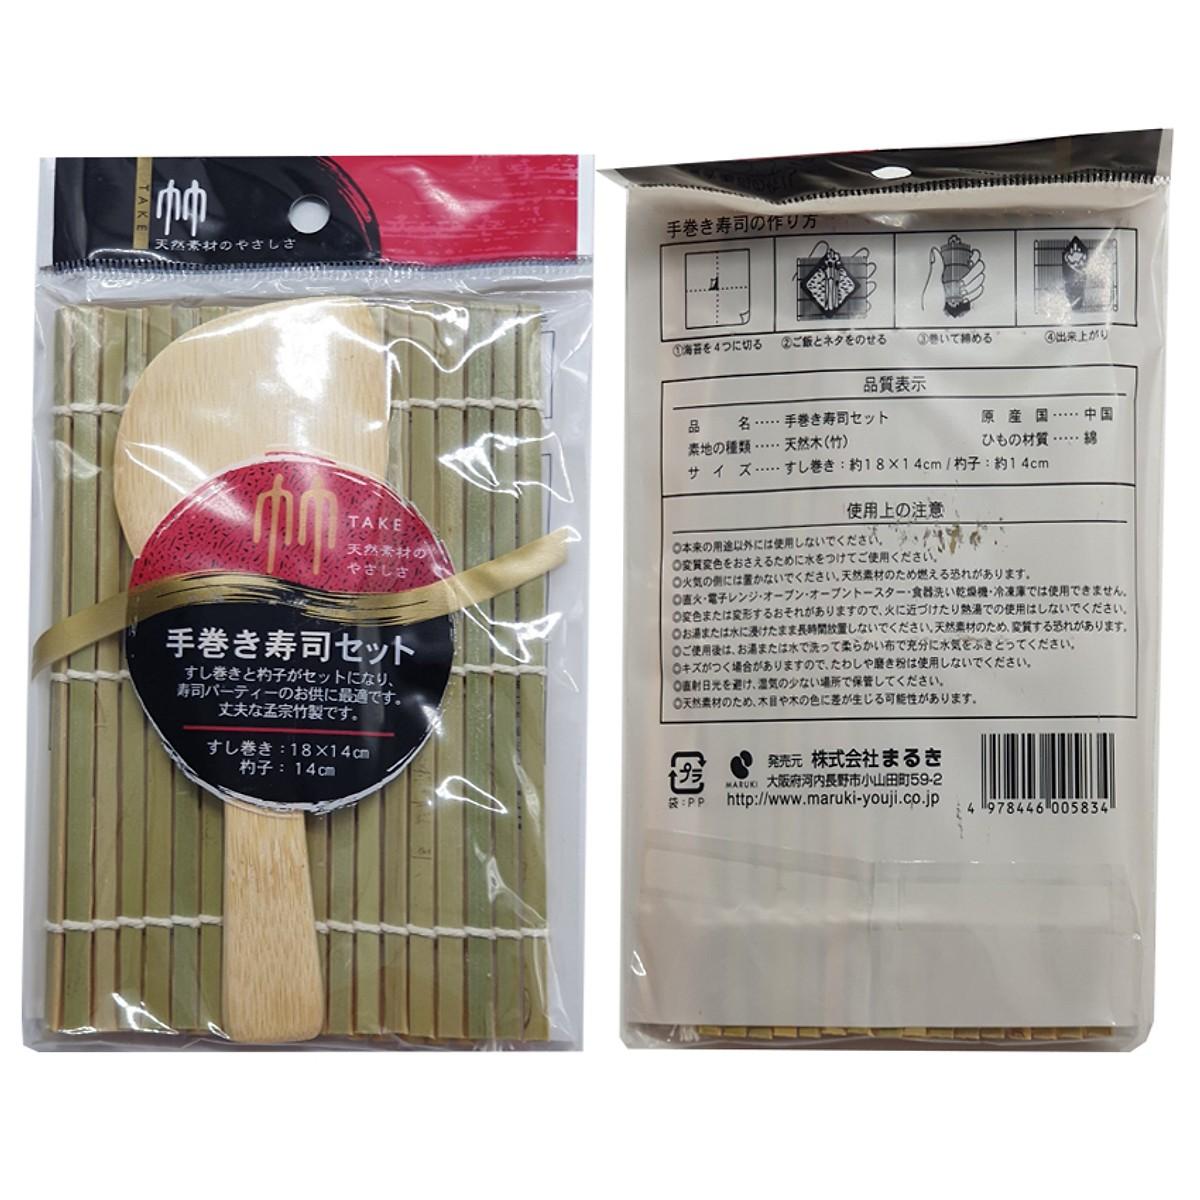 Mành tre cuộn cơm, kimbap, shushi hàng Nhật tặng muỗng và cà phê dừa